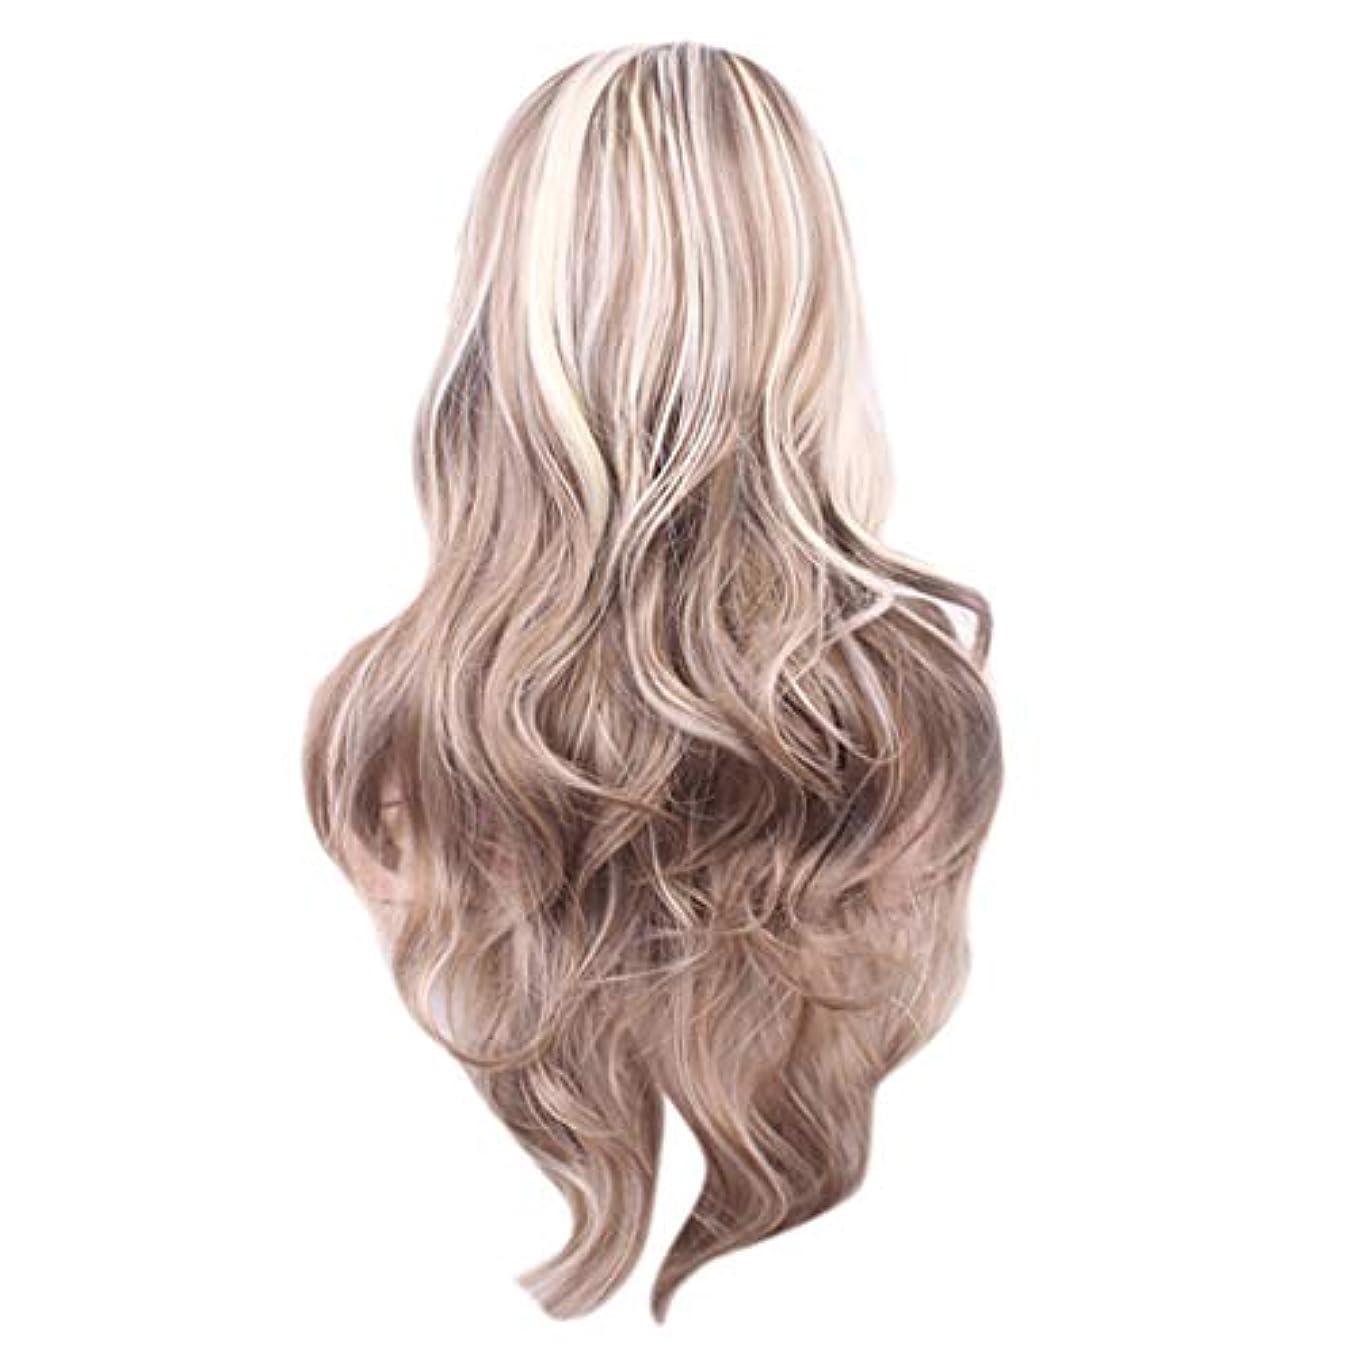 ジェット騒々しい財産女性のセクシーな長い巻き毛のかつら70センチウィッグ